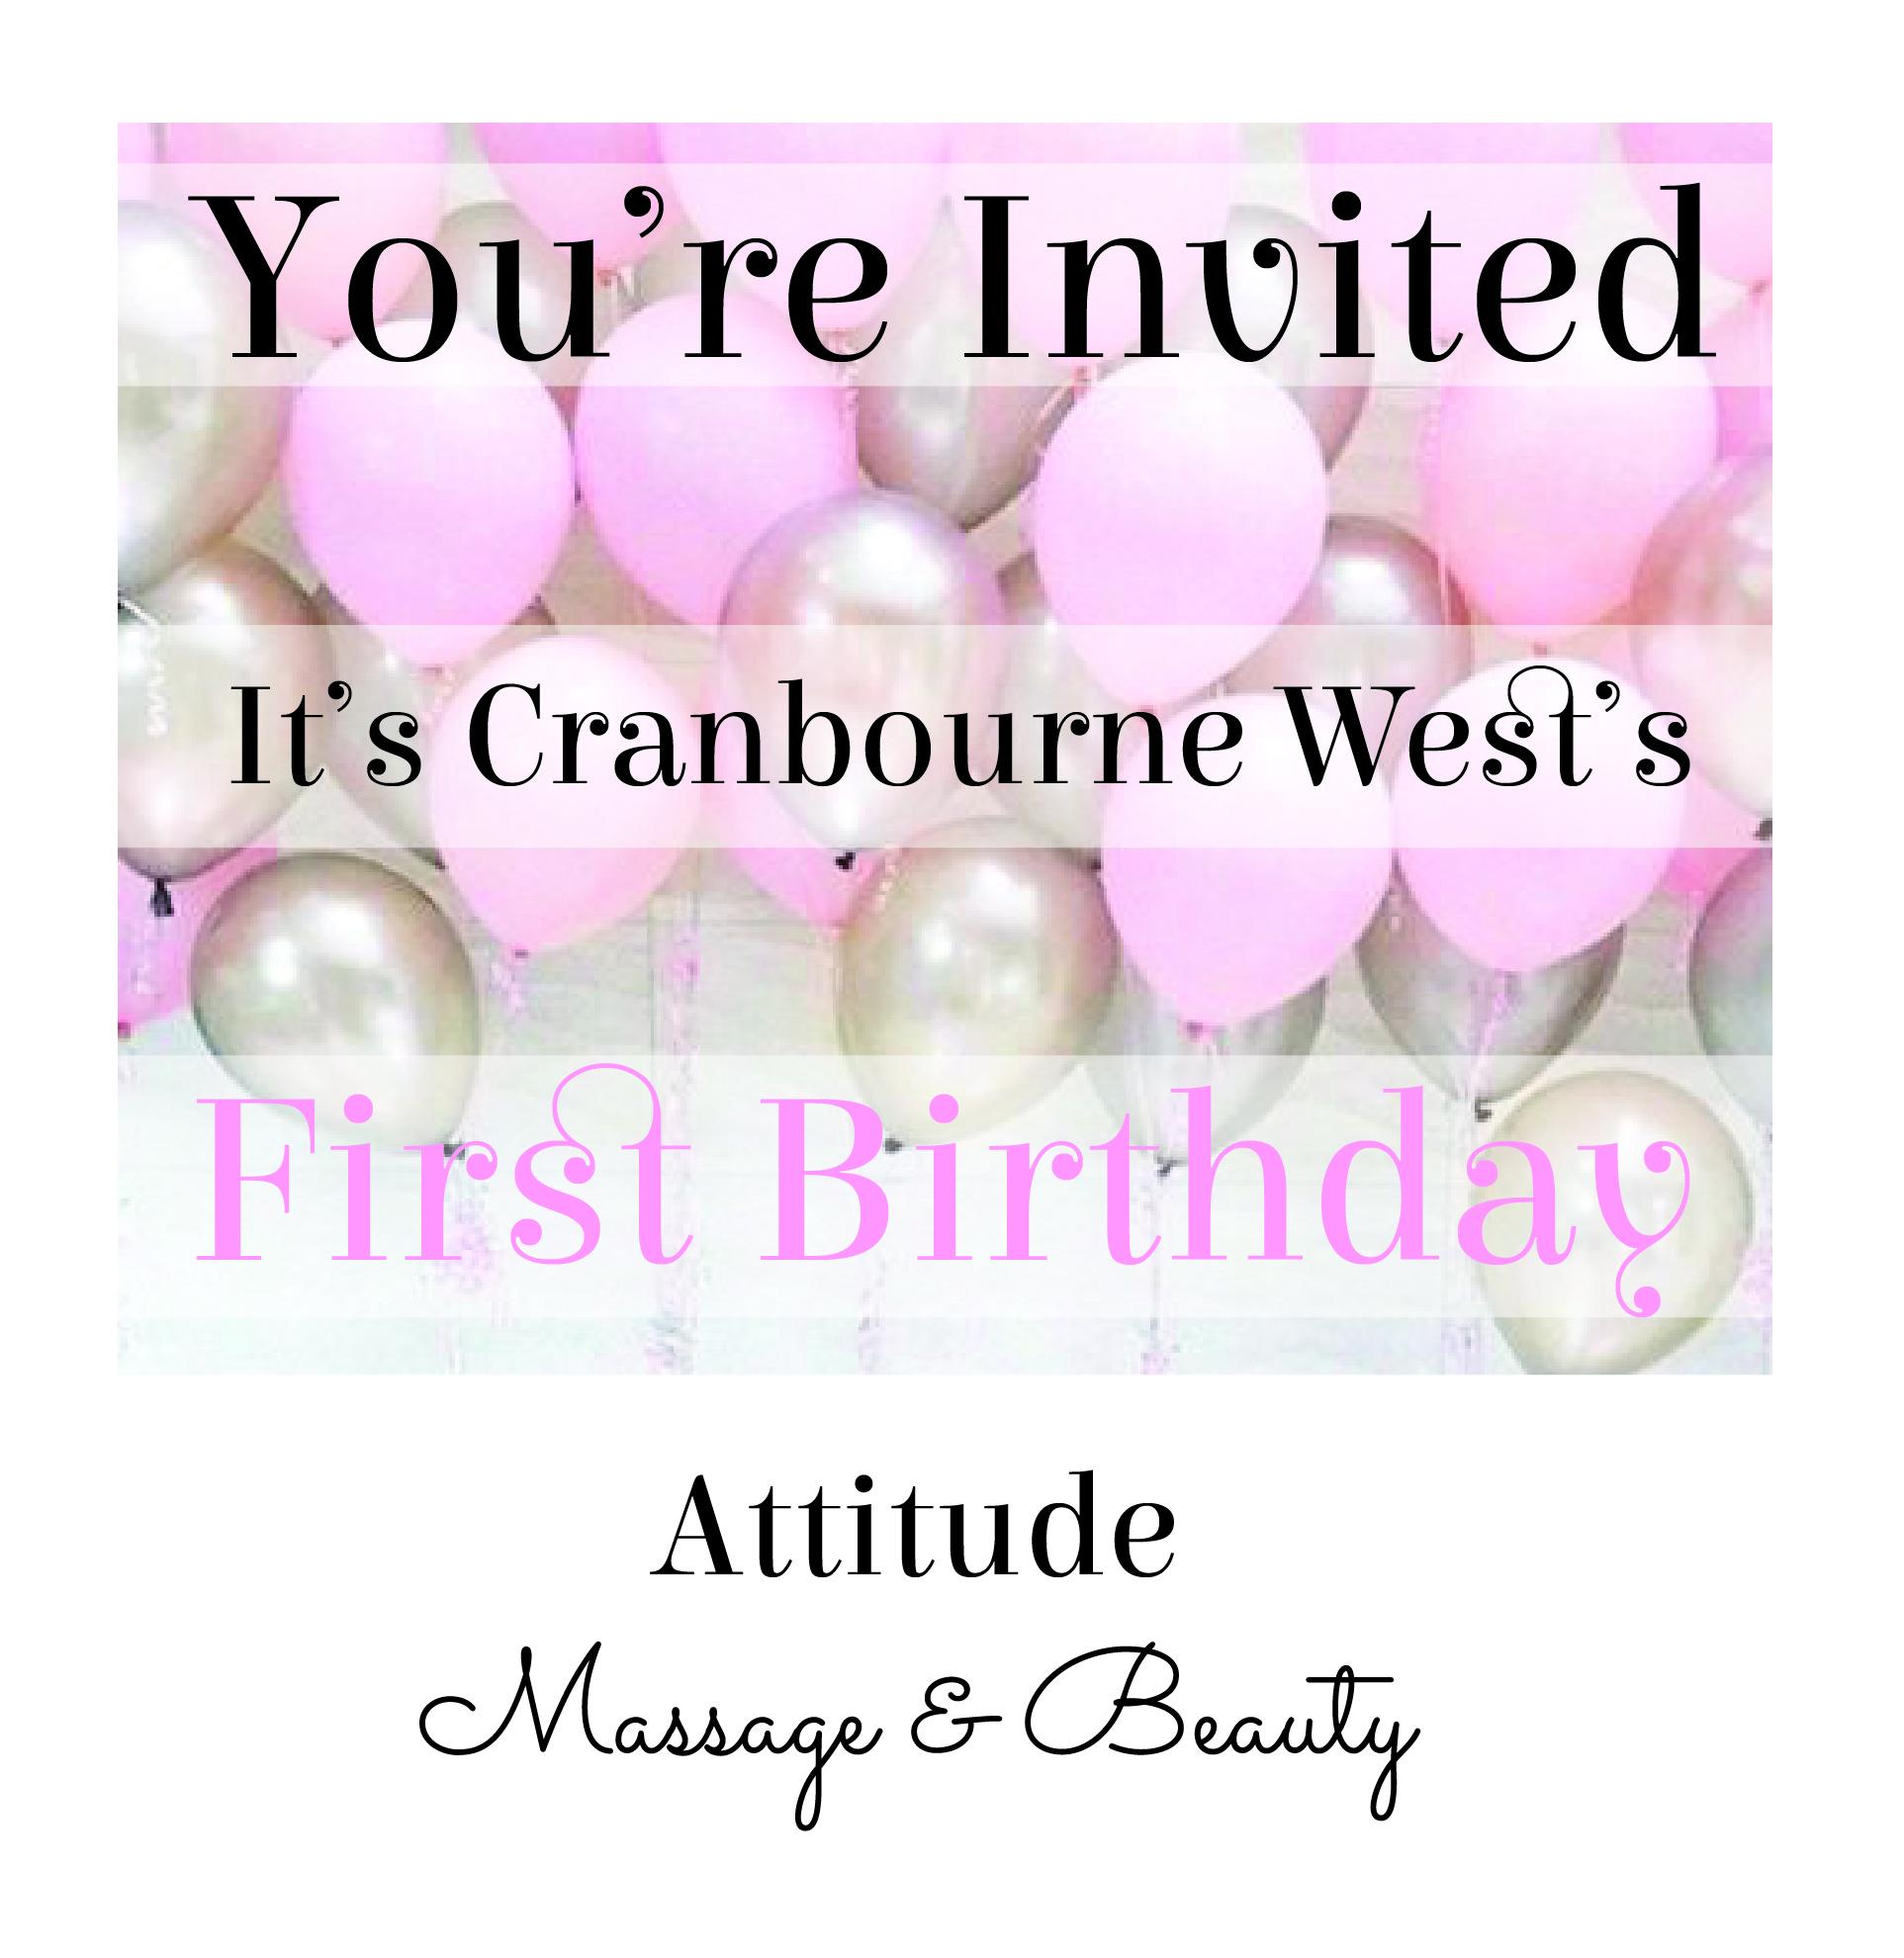 First Birthday.jpg